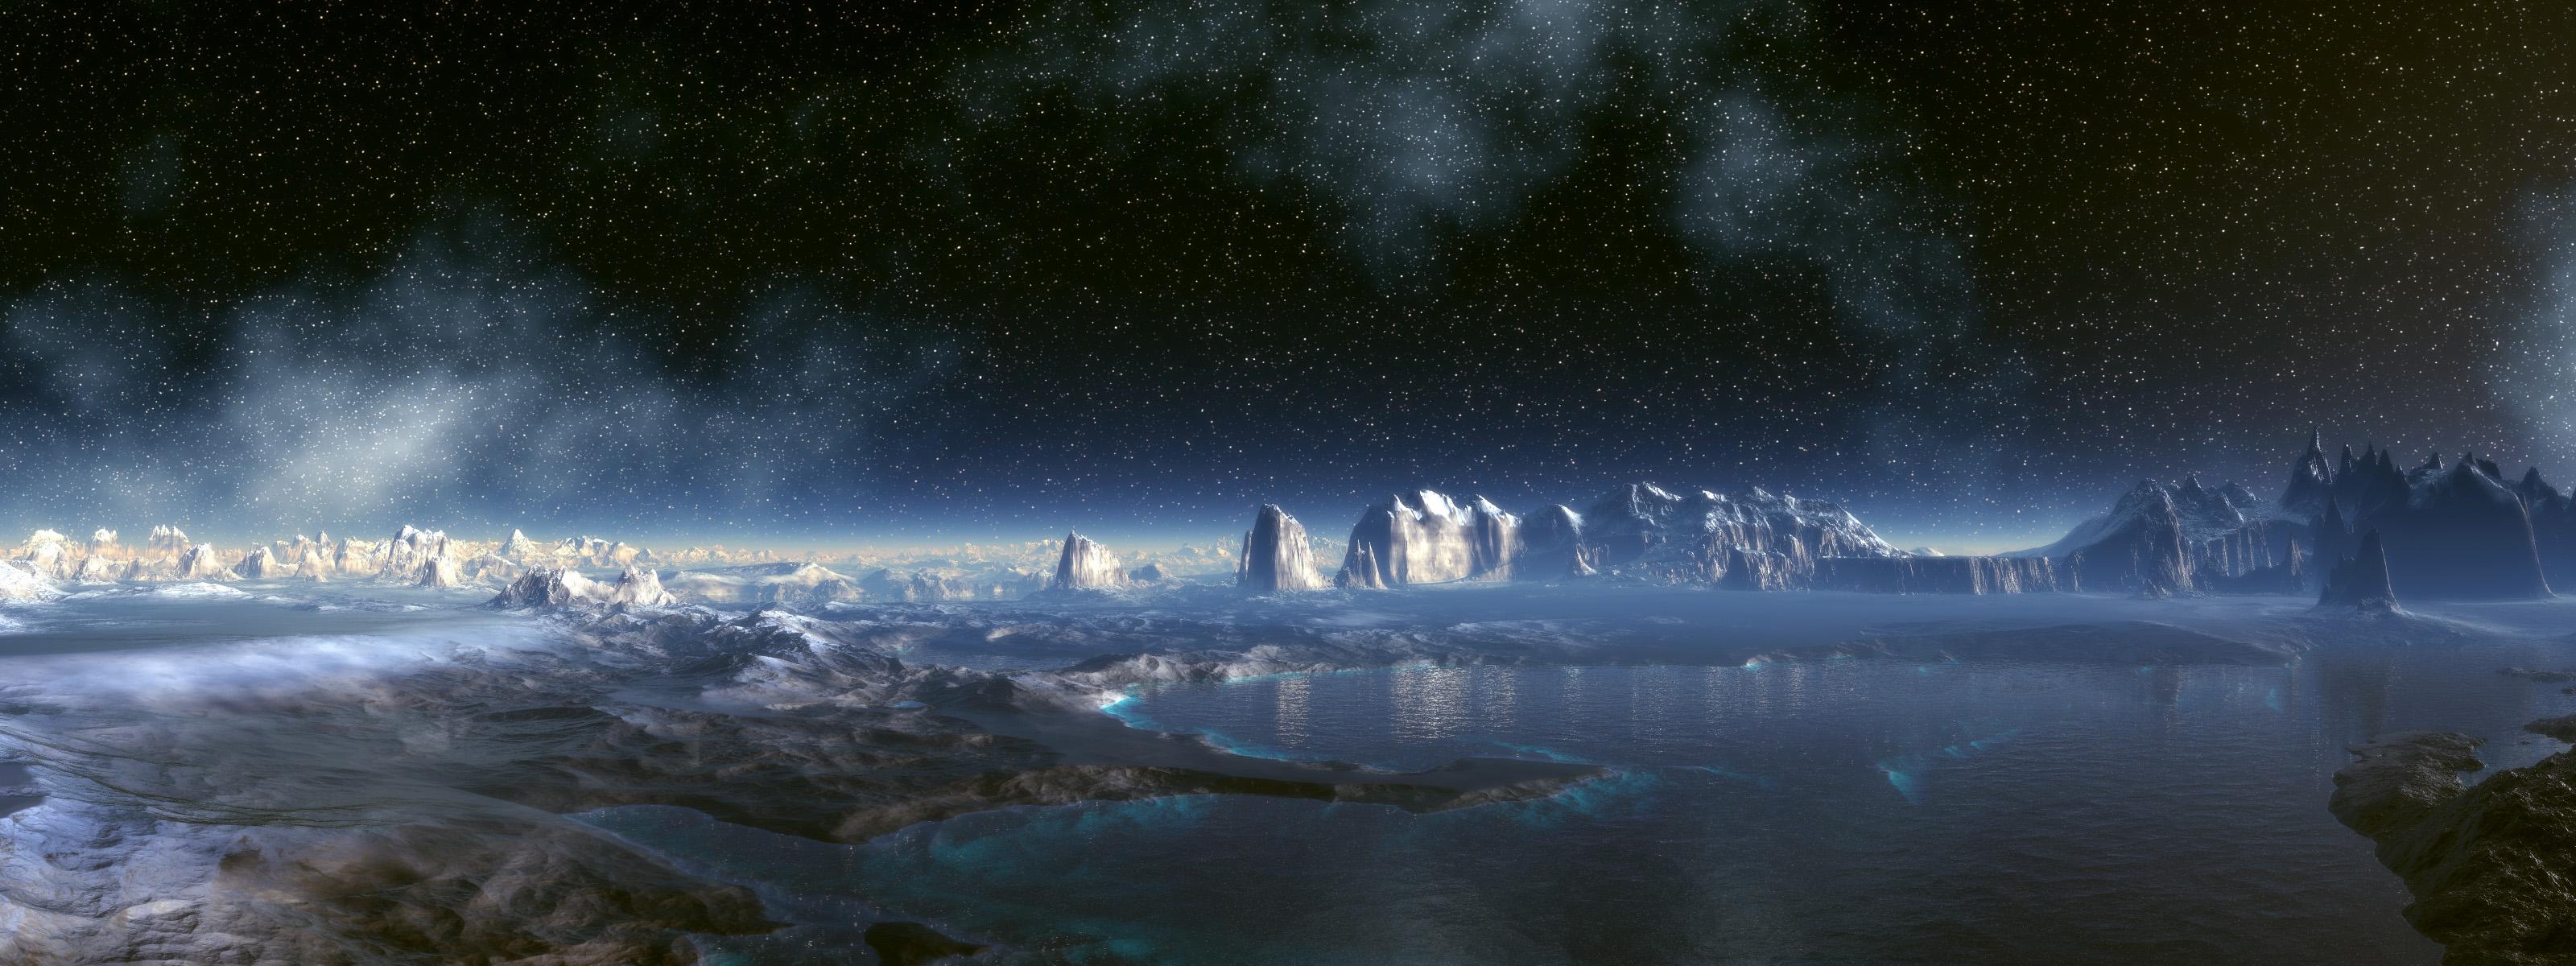 Космос панорамные картинки